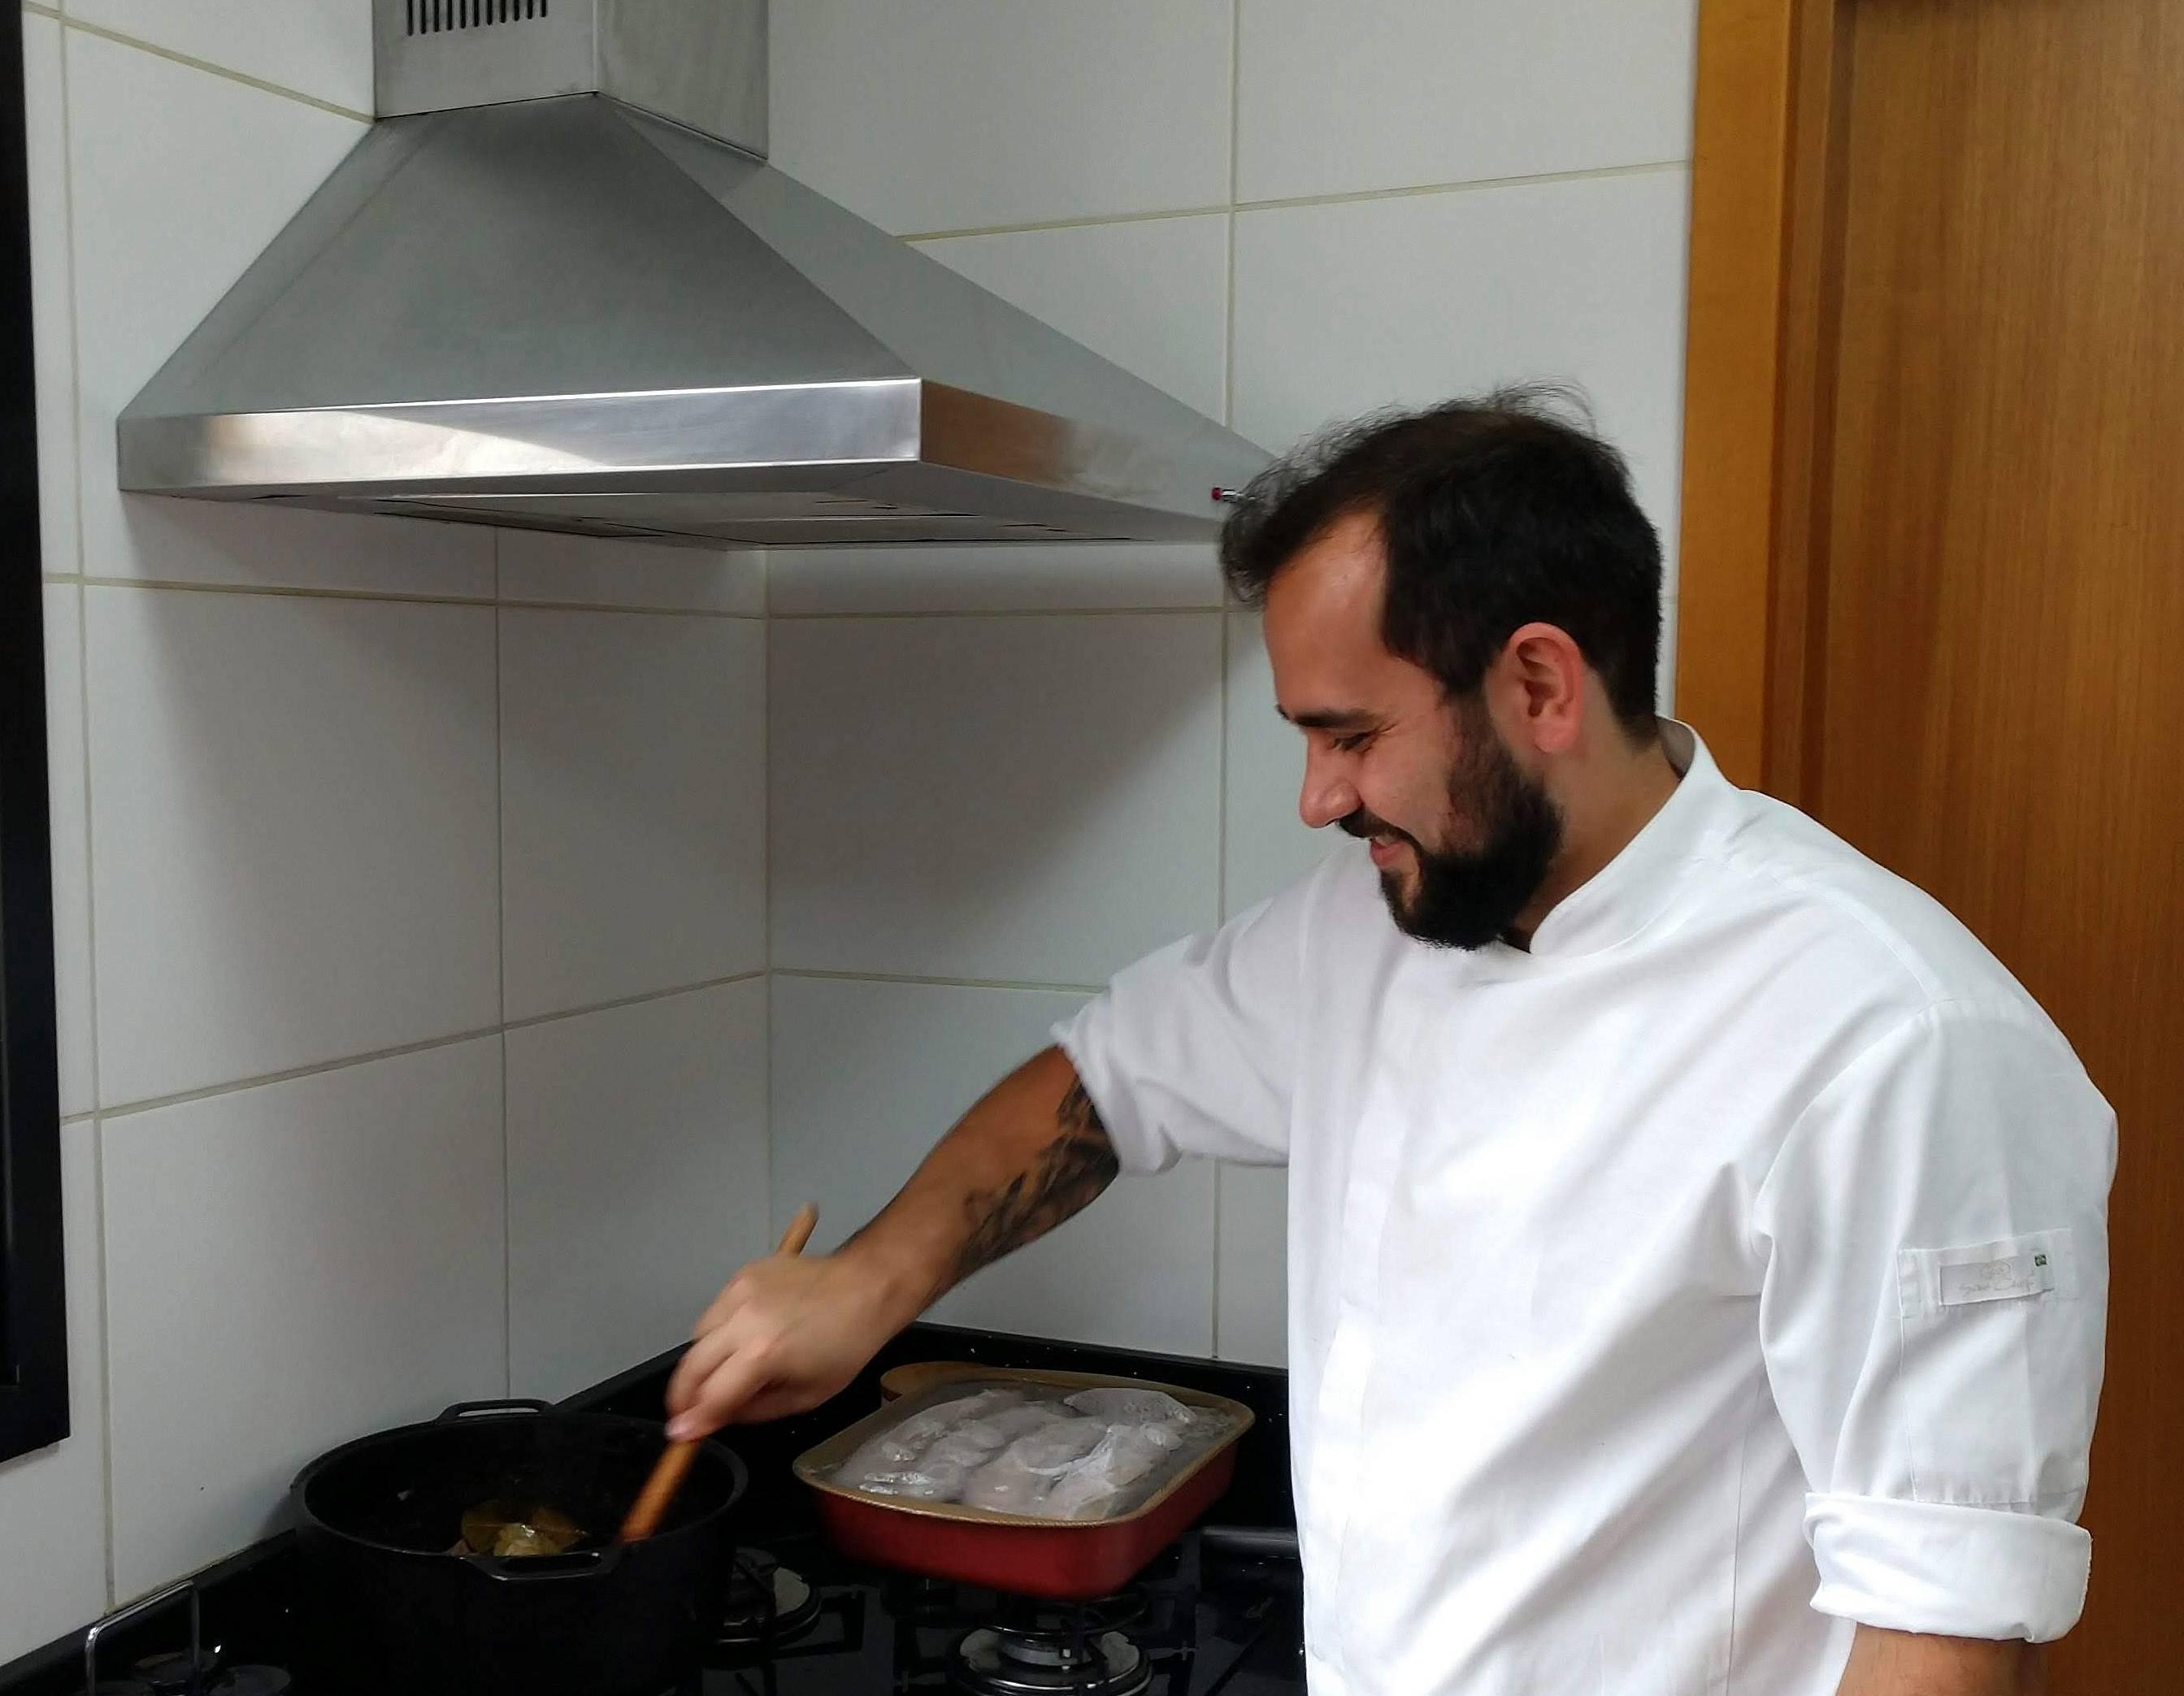 Tristão cozinhando em seu pequeno fogão caseiro, de quatro bocas.